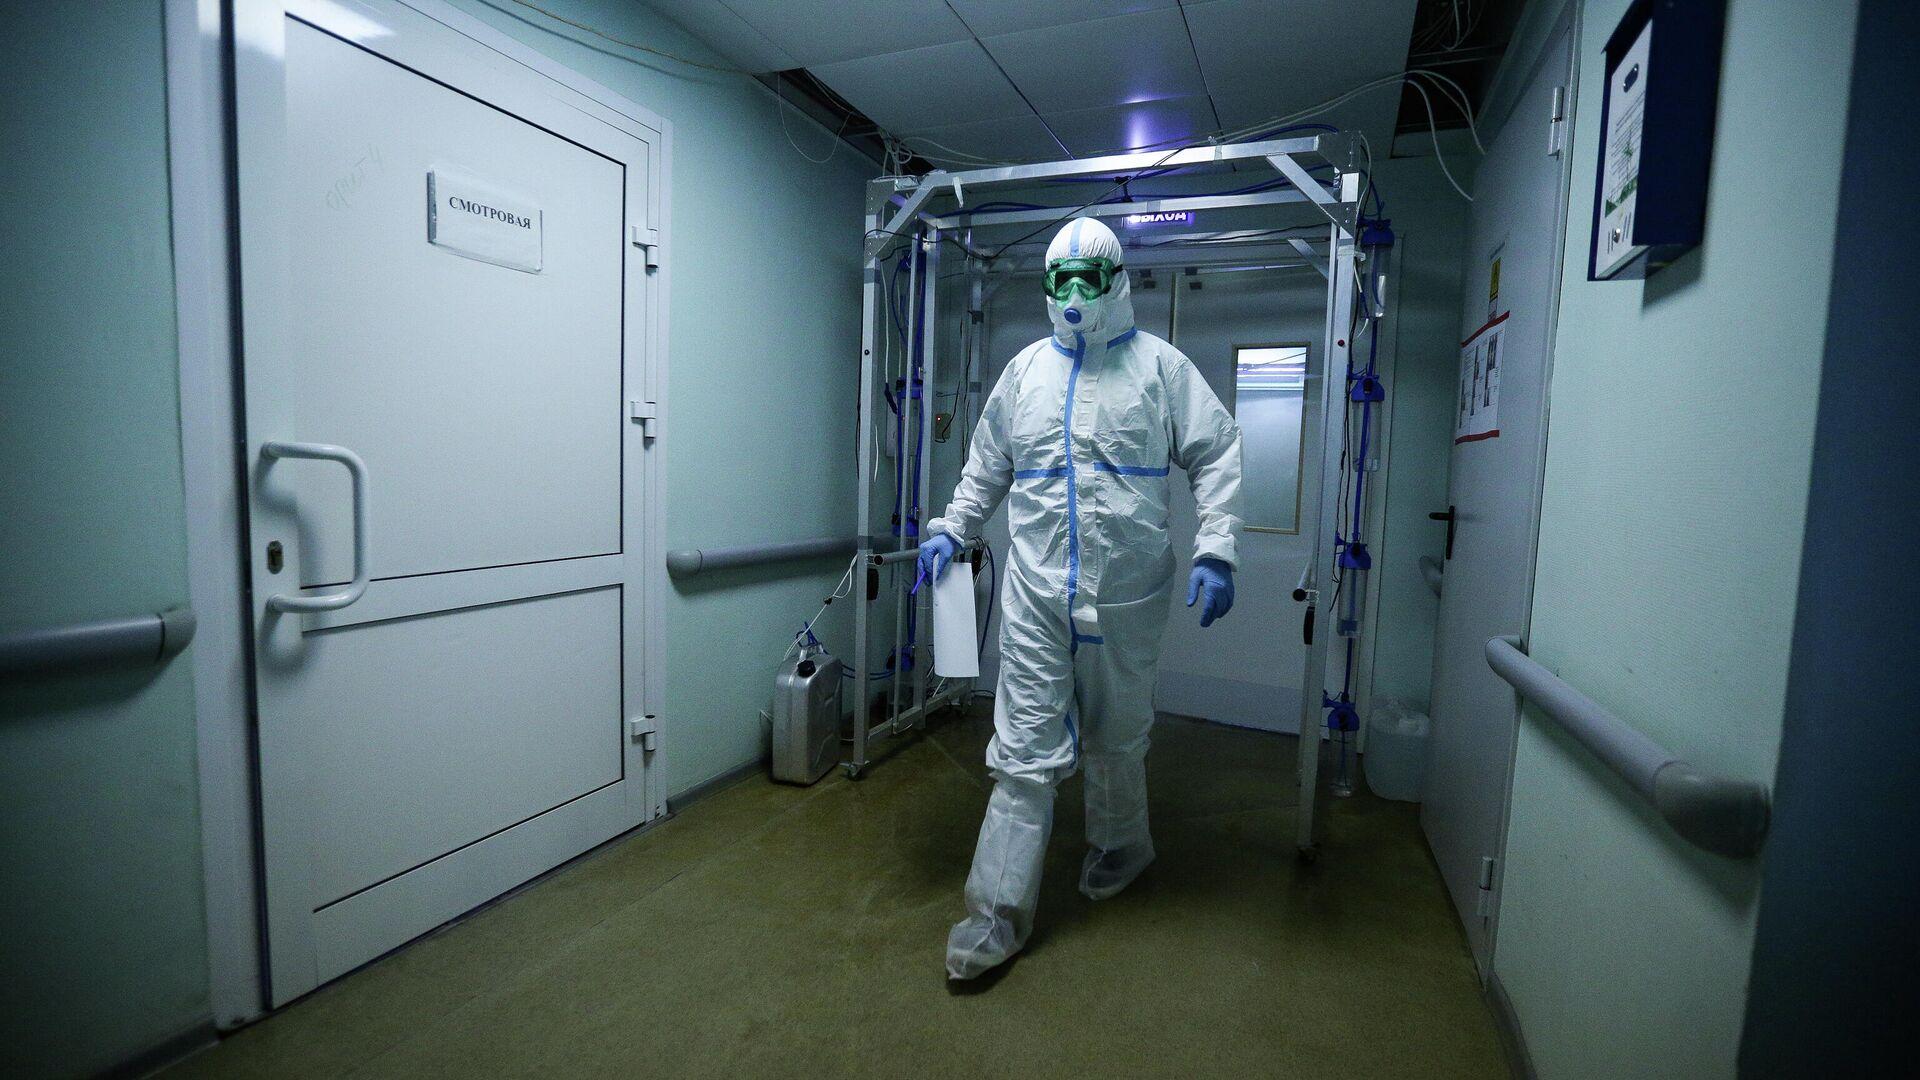 Врач Новосибирской областной клинической больницы в защитном противоэпидемическом костюме - РИА Новости, 1920, 06.01.2021